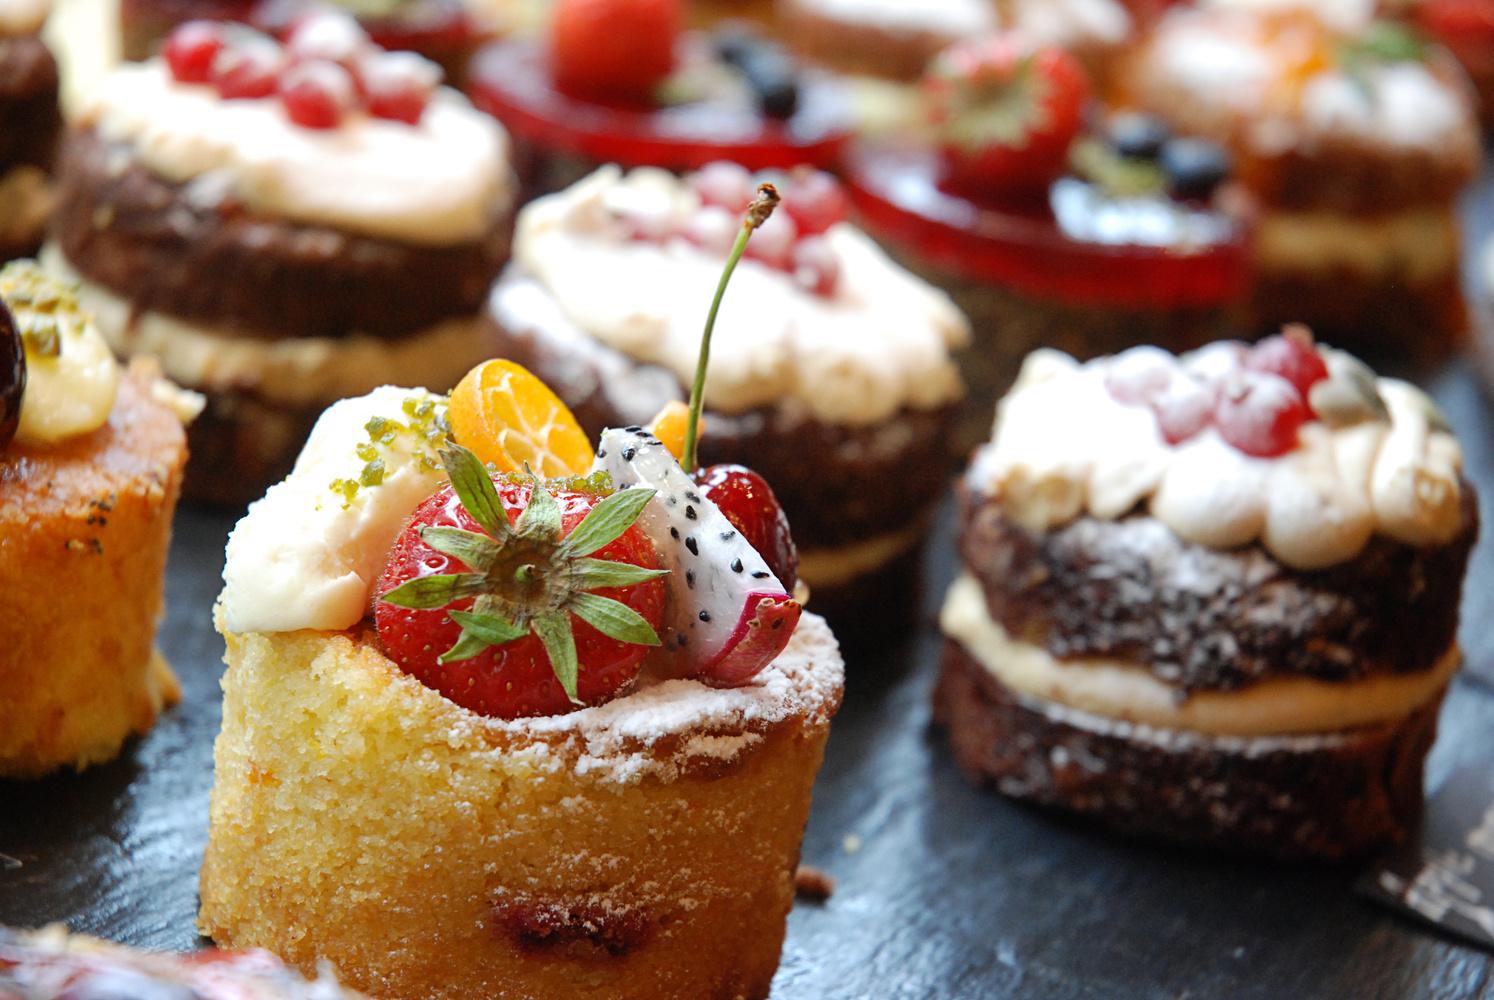 Cakes by Peter Schneiter